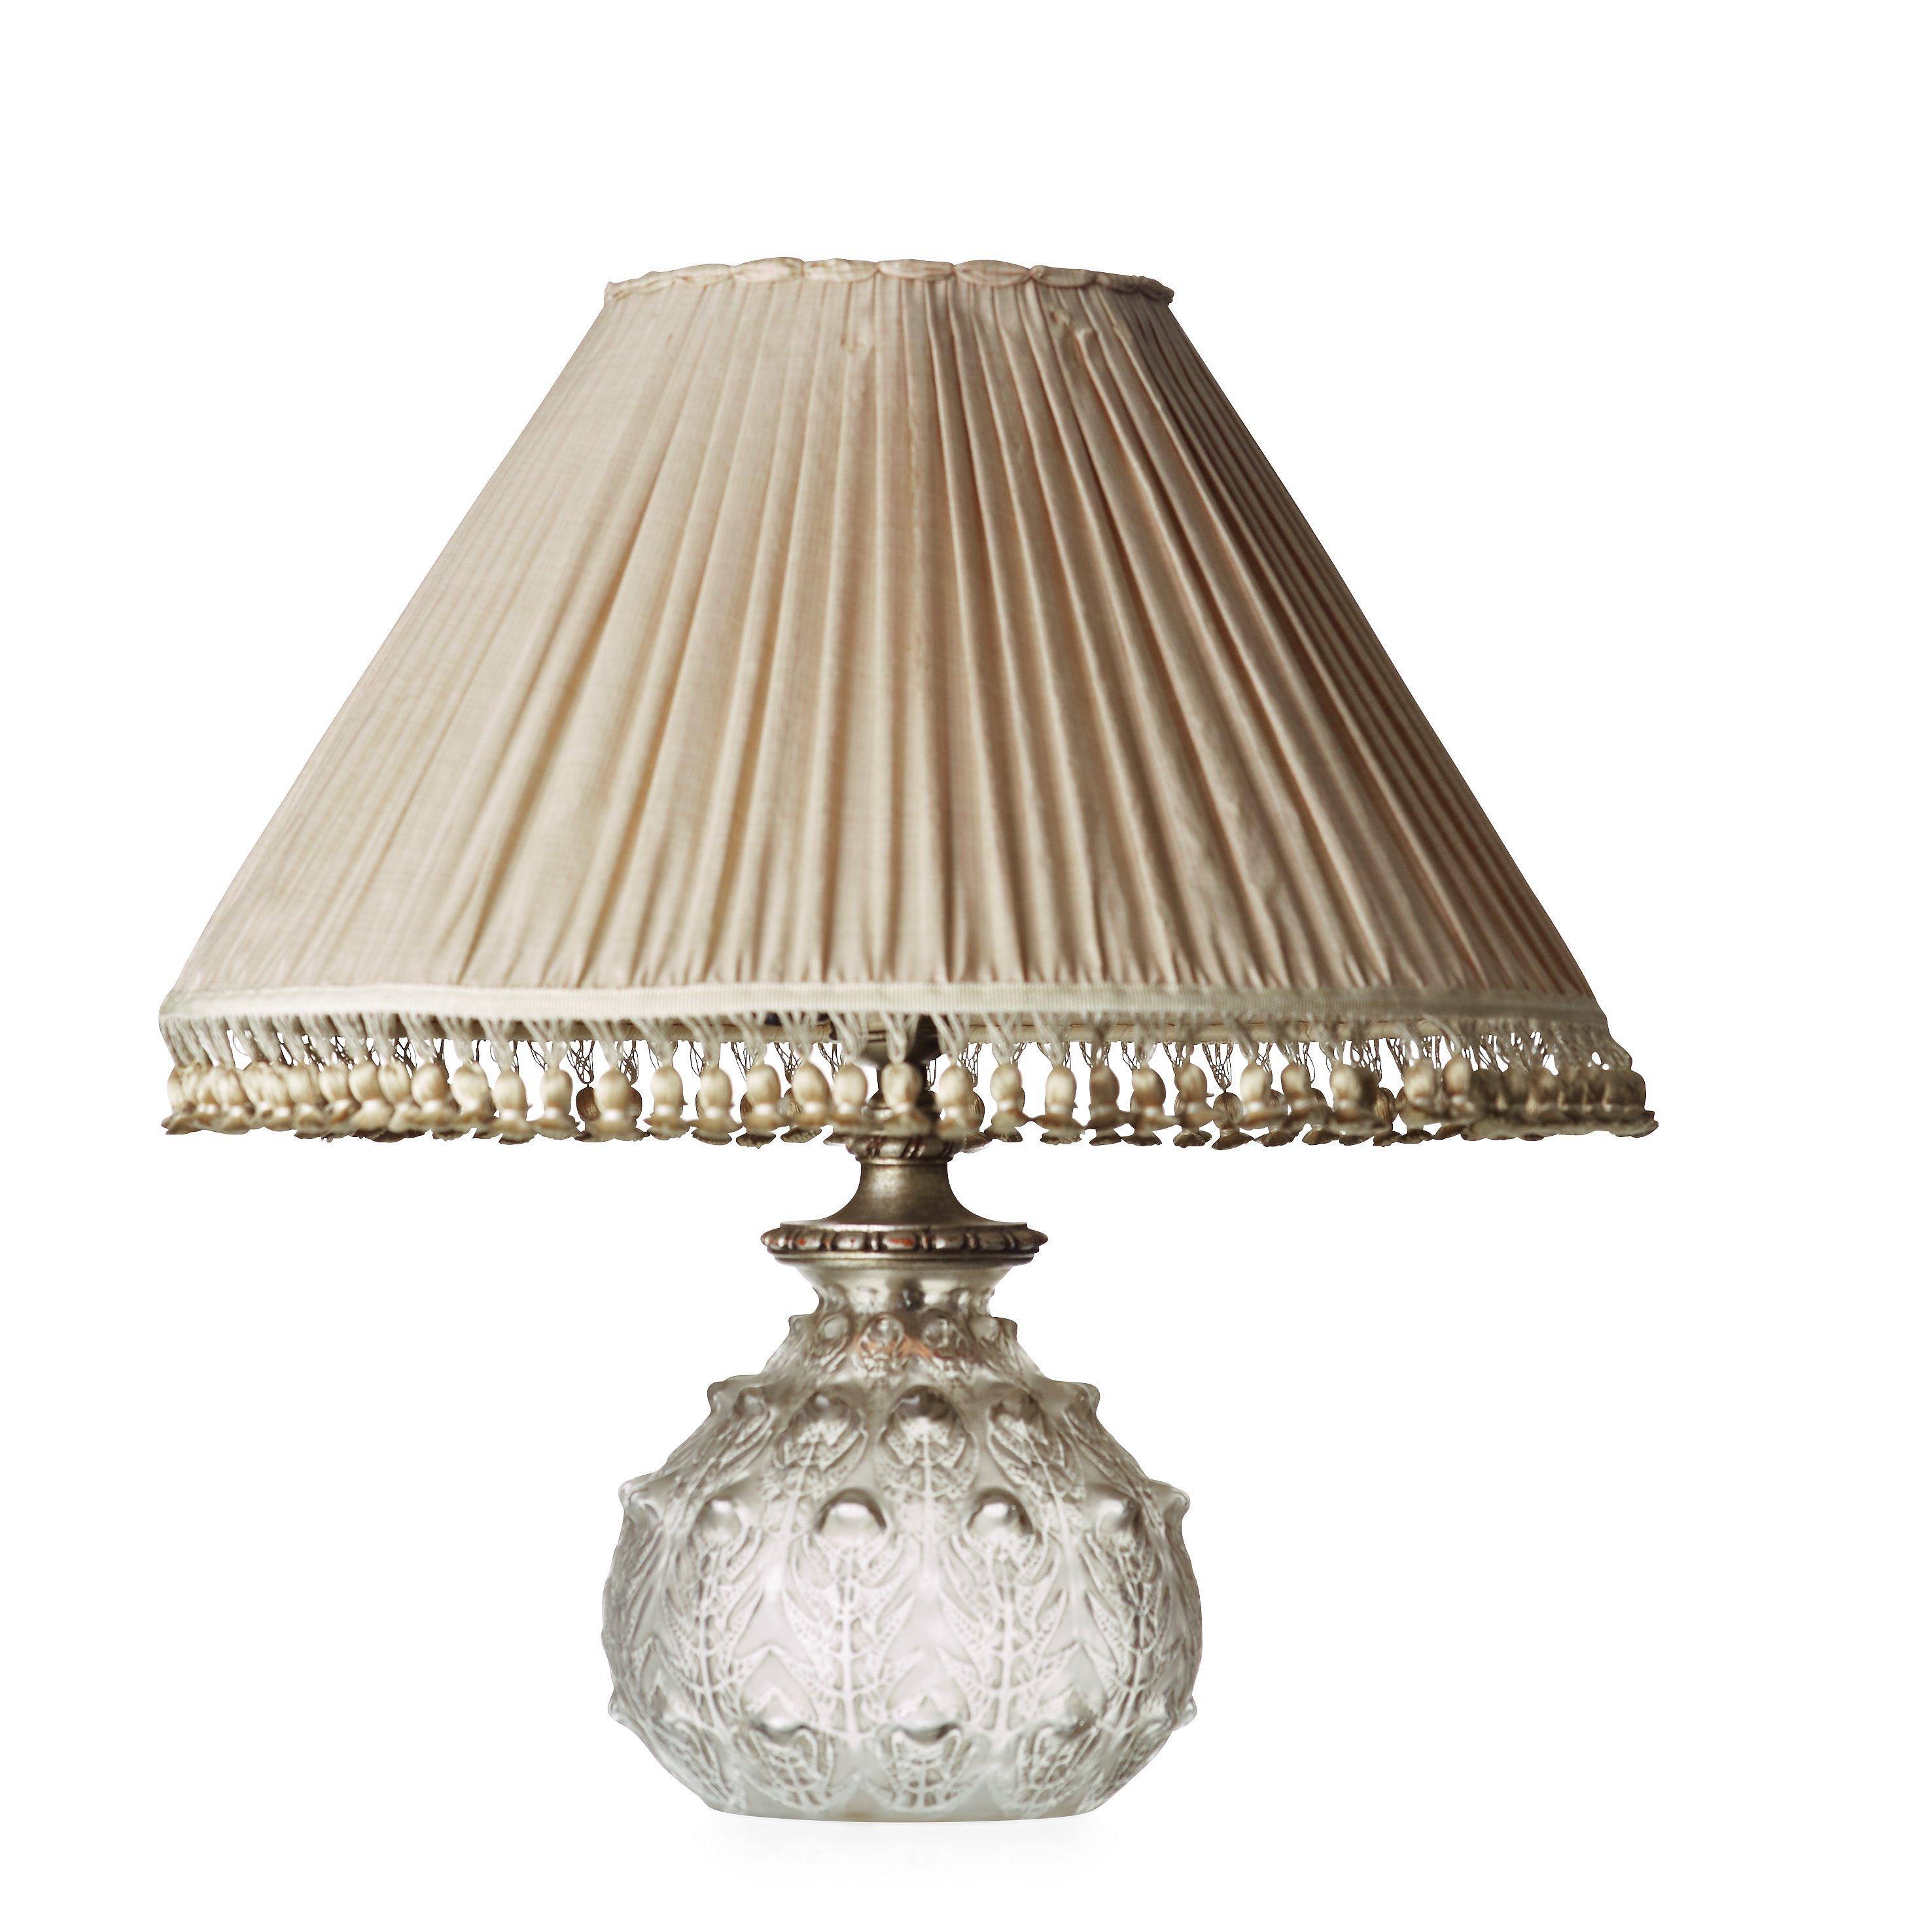 RENÉ LALIQUE, A Cast Glass U0027Fougèresu0027 Table Lamp, France 1920 30u0027s, Model  923.   Bukowskis